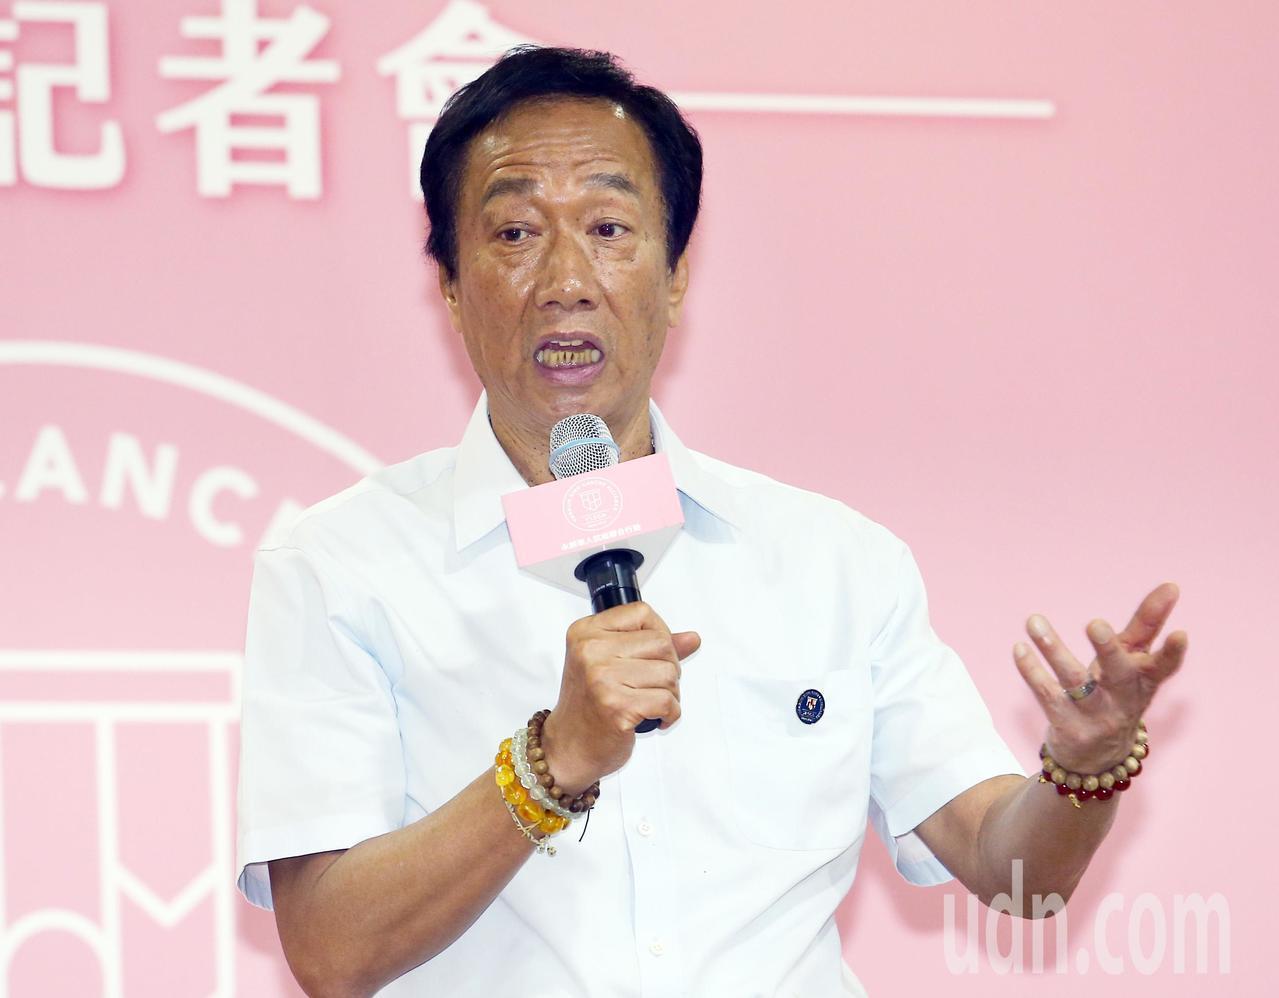 郭台銘在致詞時向蔡英文總統喊話,他說蔡英文只是「半個經濟人」,而自己是「整個經濟...